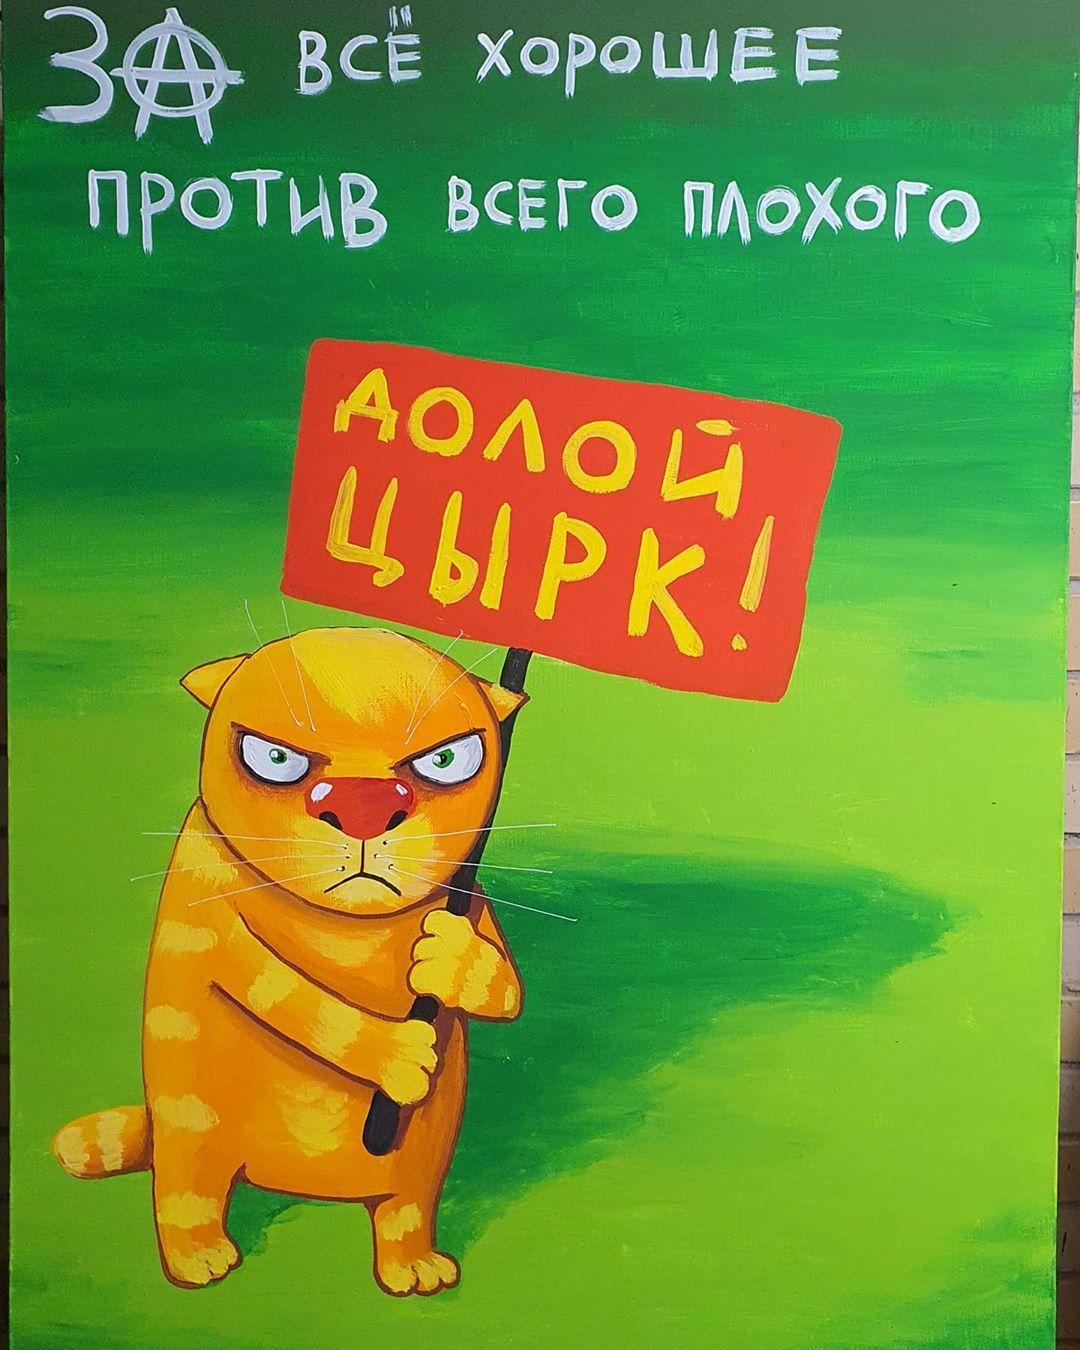 Вася Ложкин: Долой цирк! | Пикабу